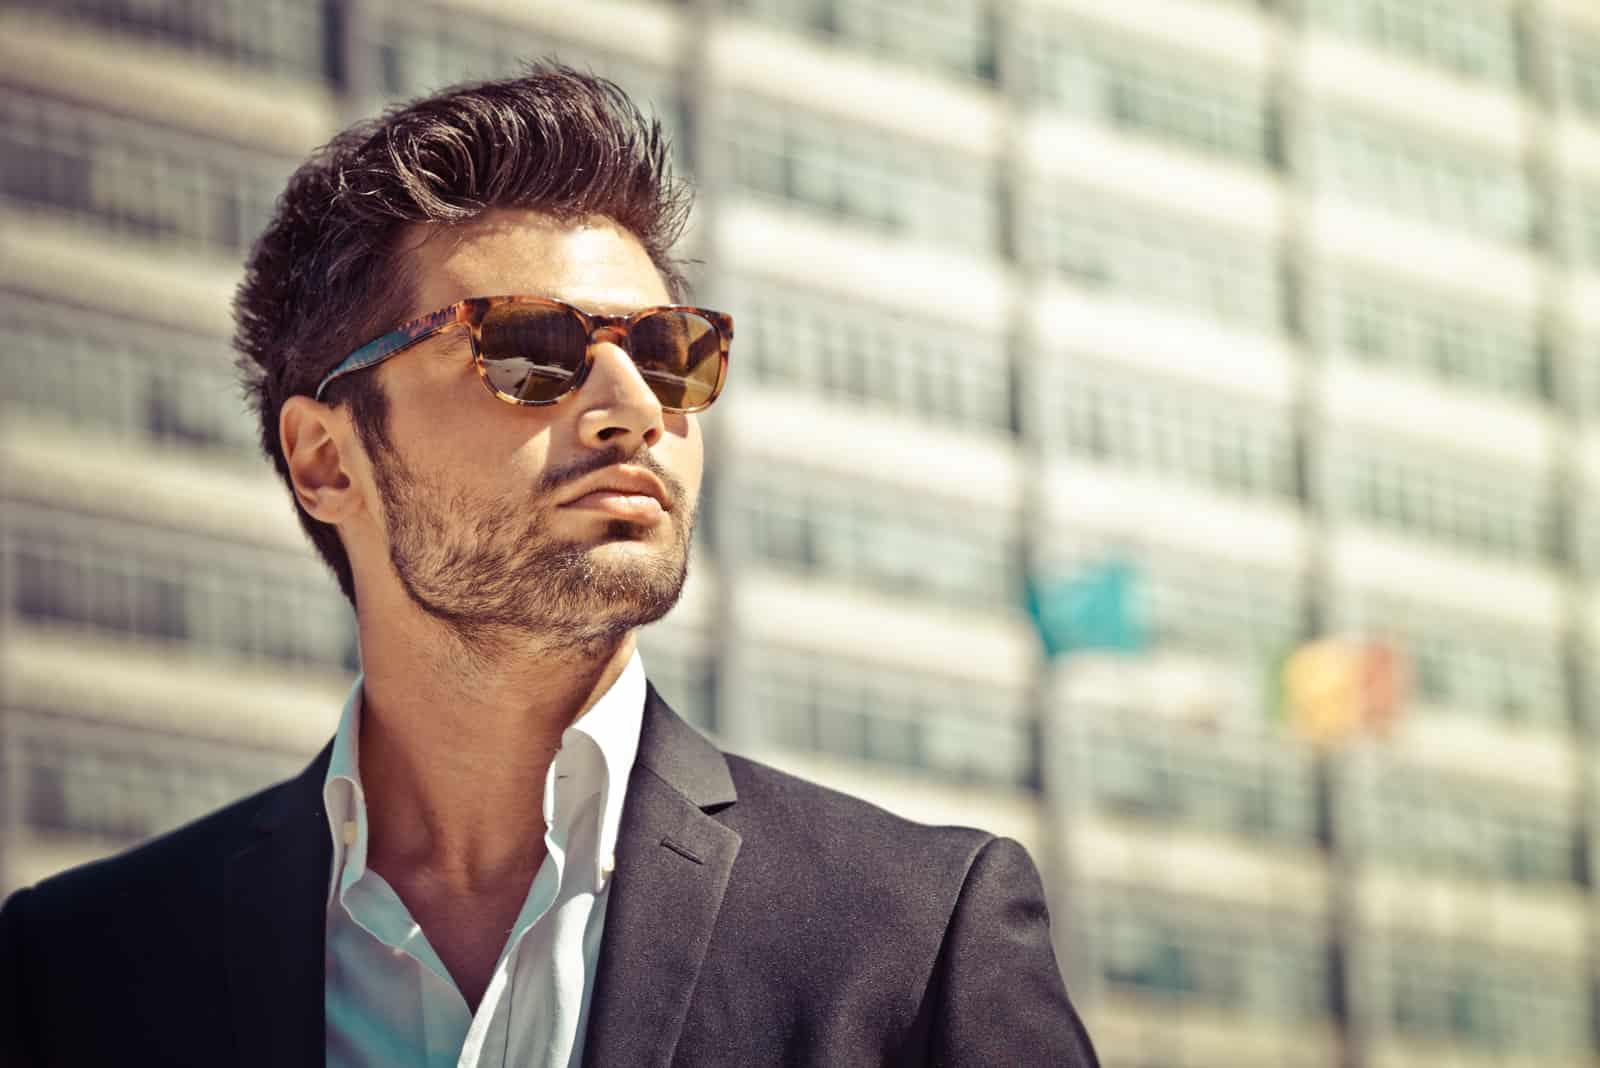 Bel homme d'affaires avec des lunettes de soleil